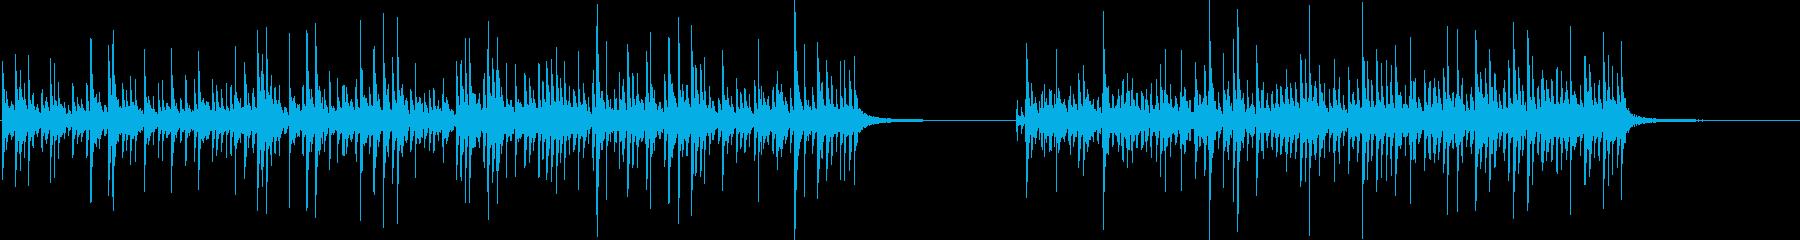 ドラムセット、ソロ、シンバルなし、...の再生済みの波形